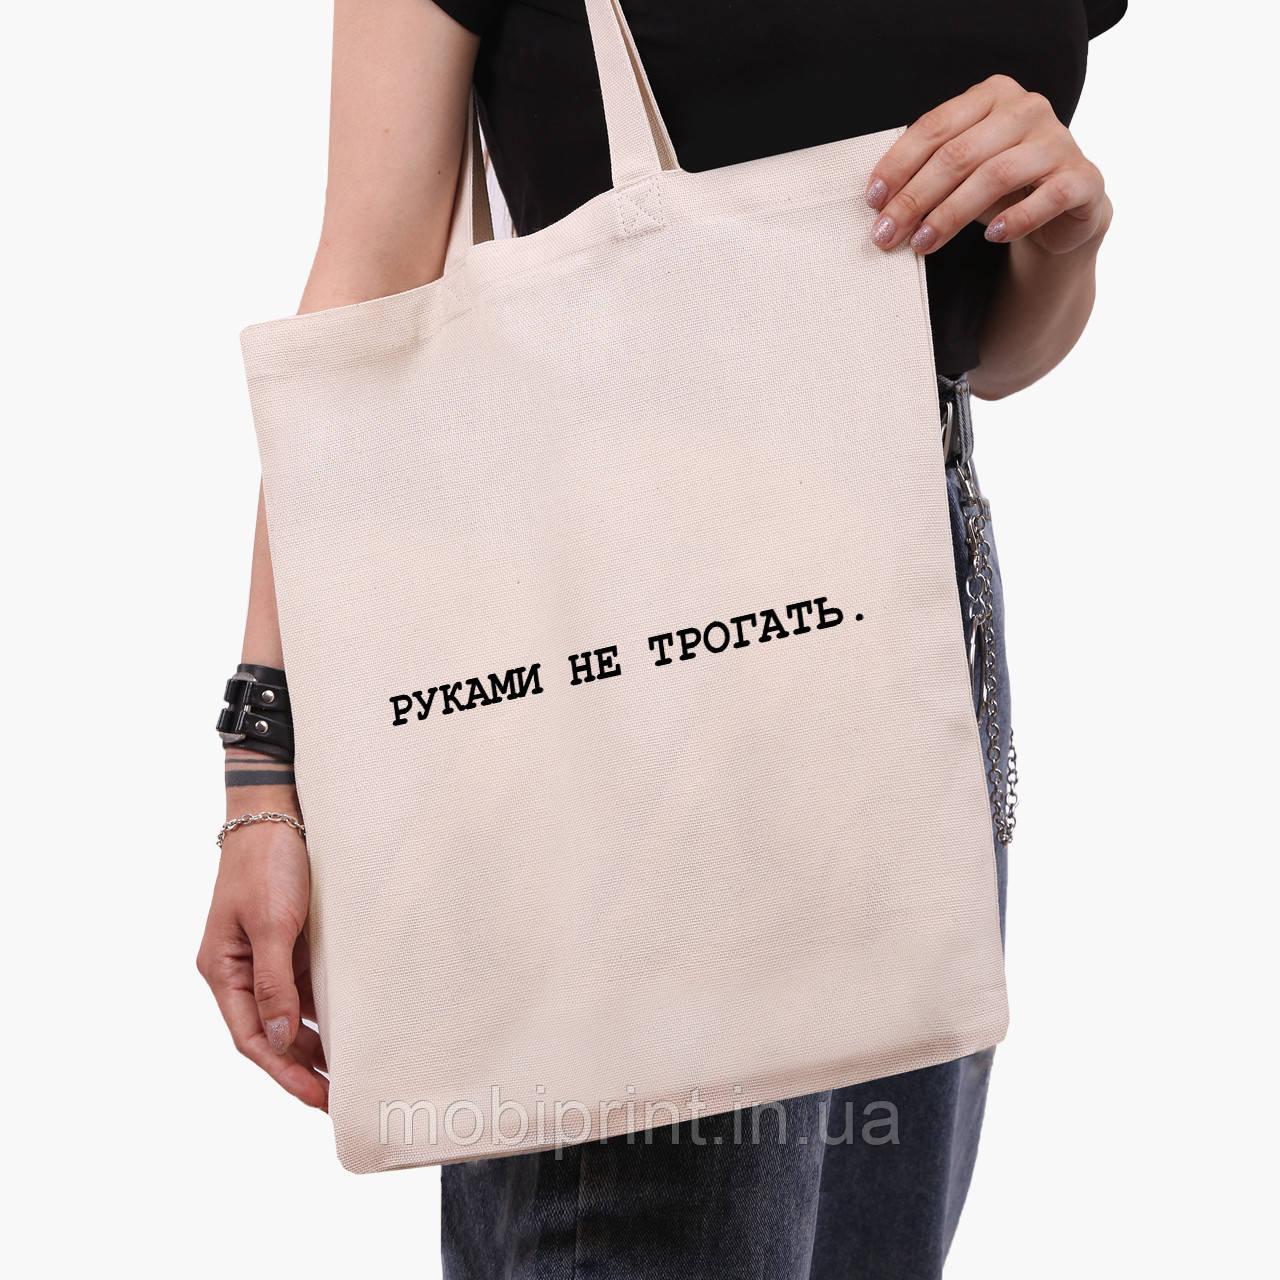 Еко сумка шоппер Руками не чіпати (Do not touch) (9227-1786) экосумка шопер 41*35 см